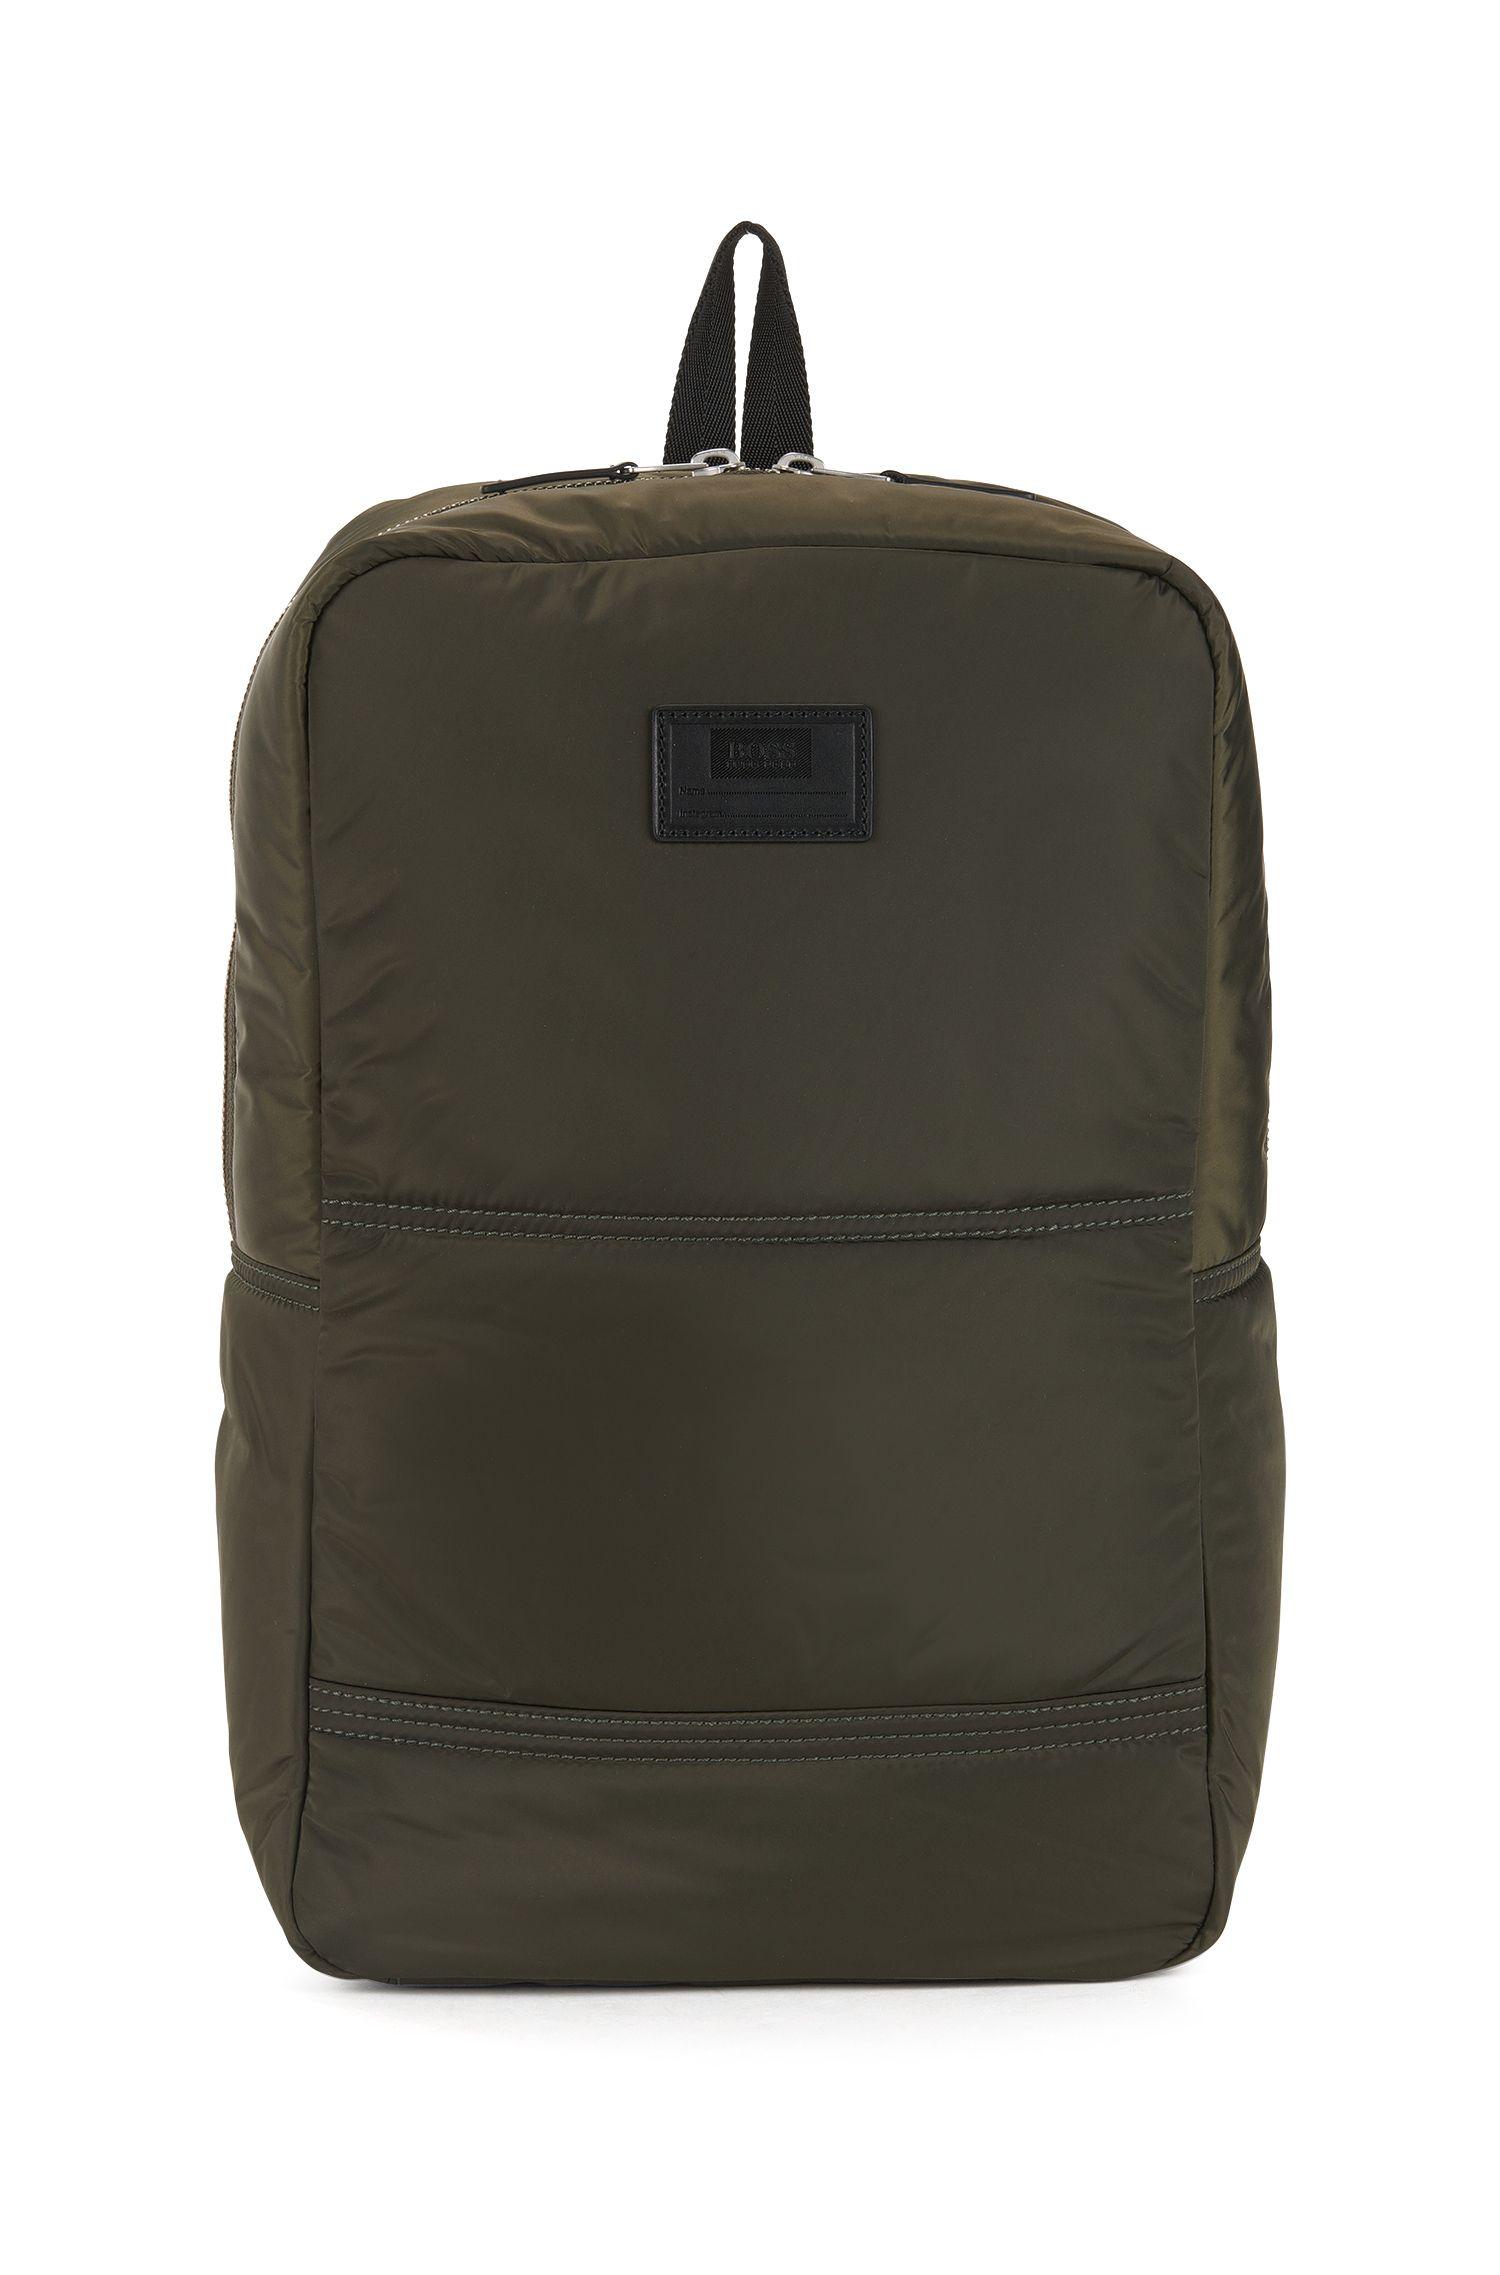 Nylon Backpack | Bomber Backpack